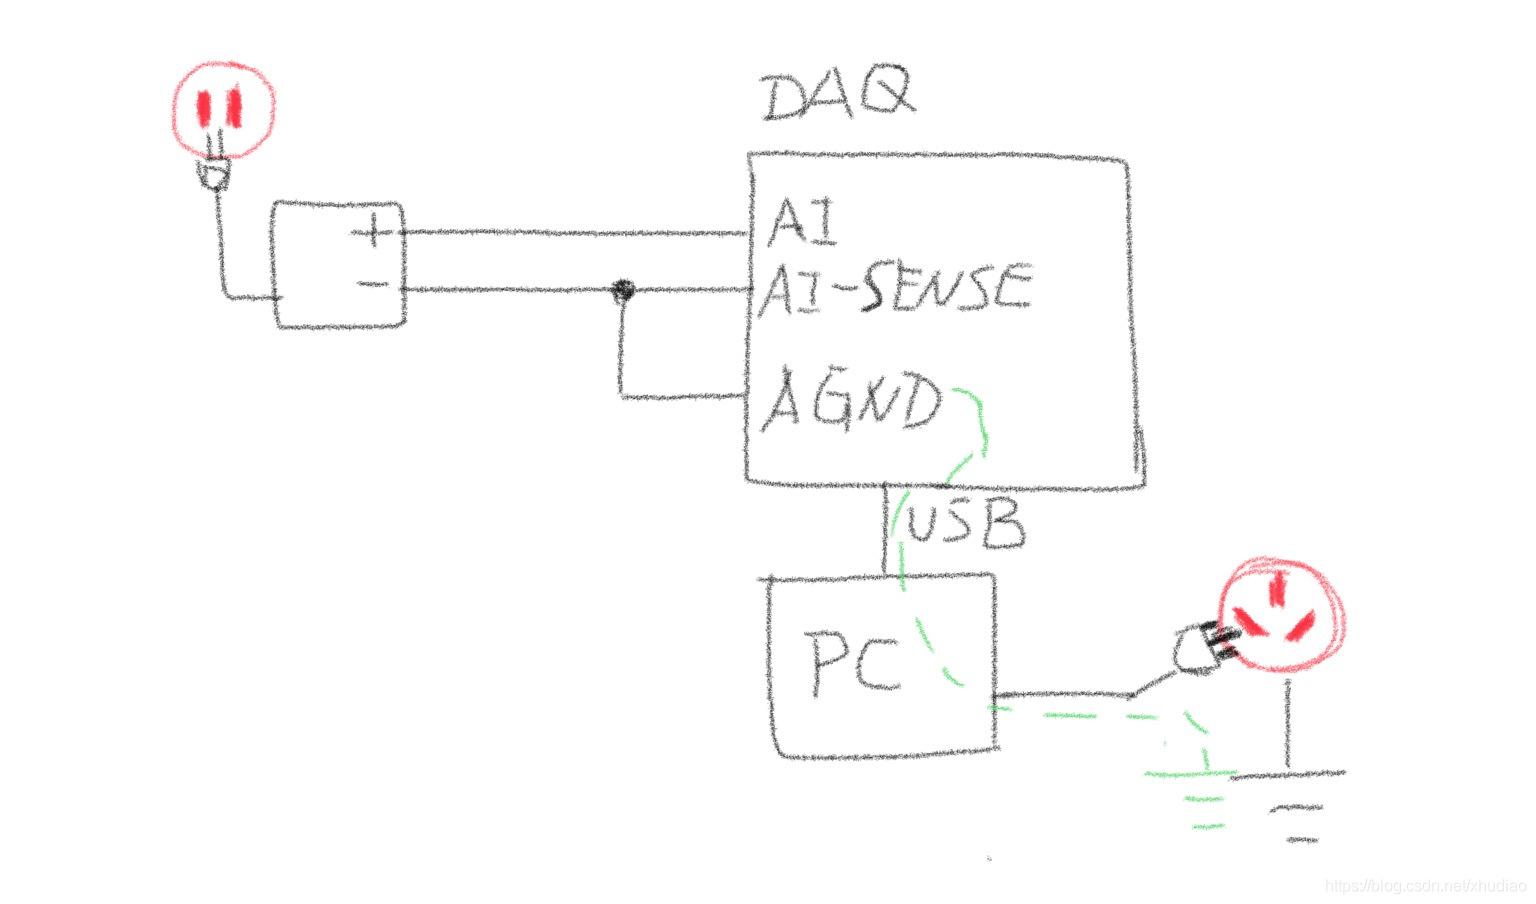 接地参考单端模式(RSE)